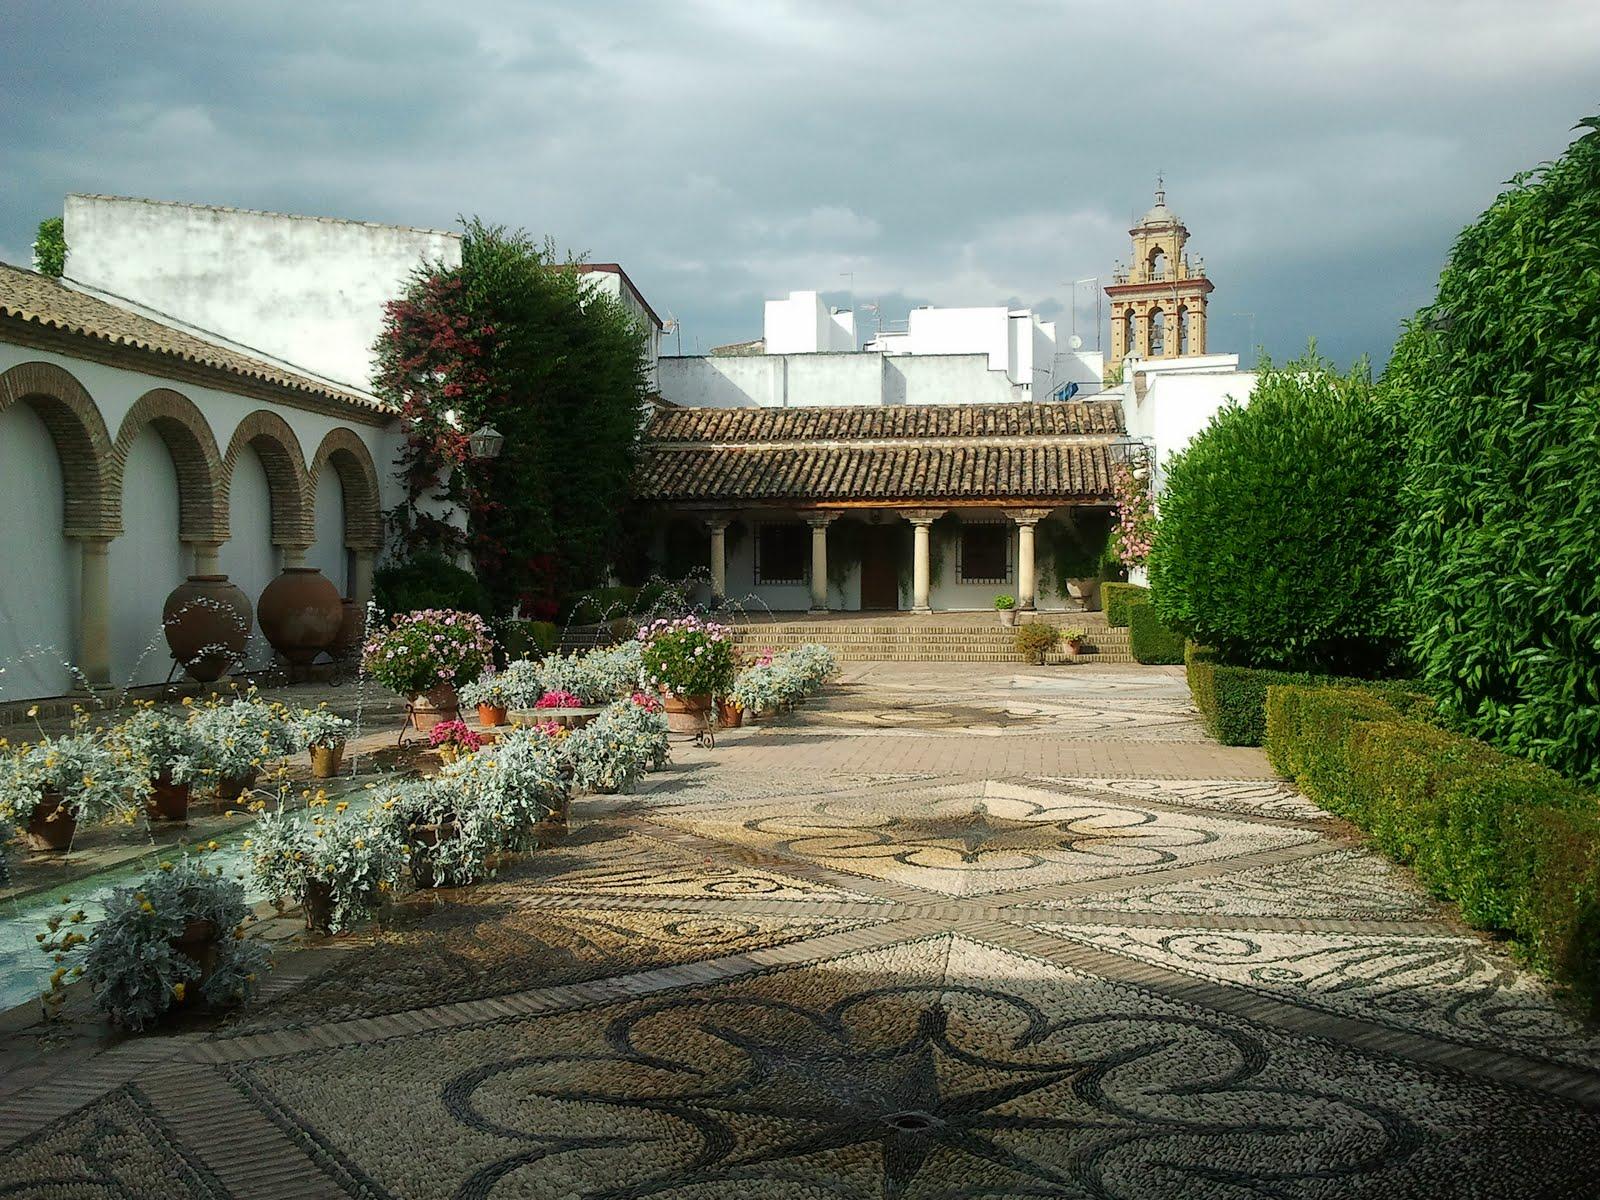 El jardín: Los jardines del Palacio de Viana de Córdoba